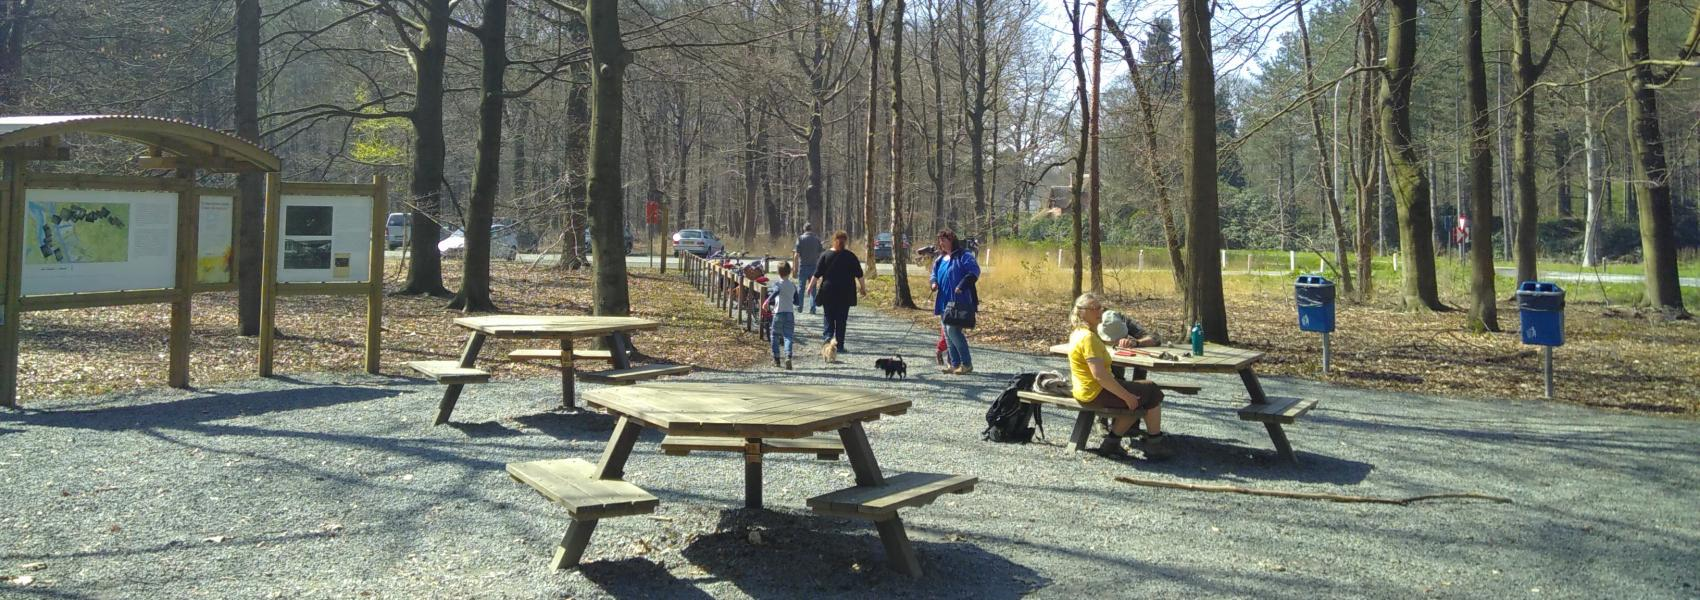 Picknickplaats